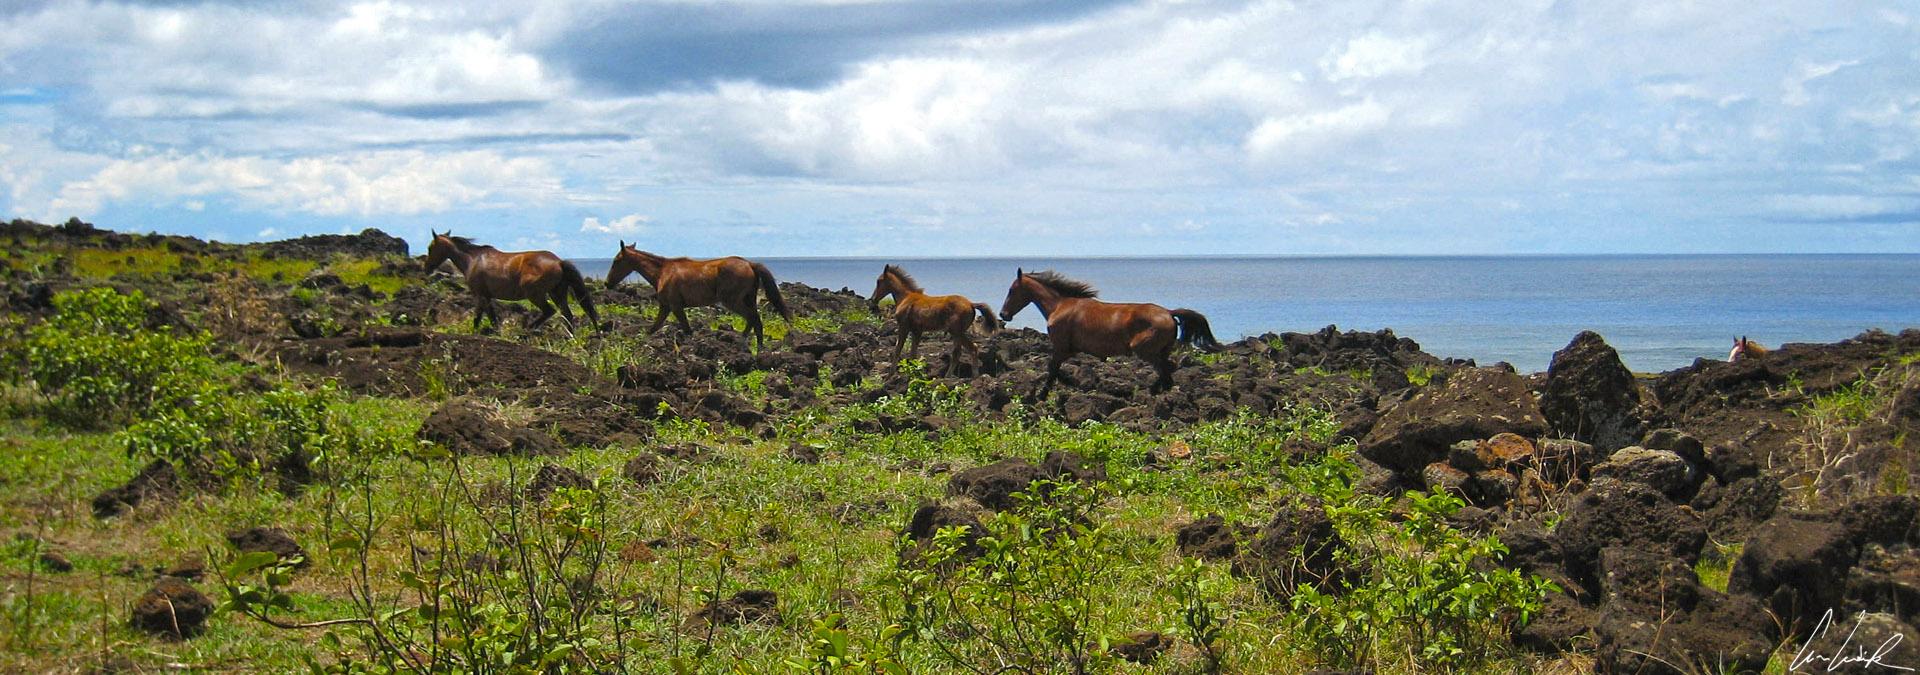 Sur l'île de Pâques les chevaux galopent ou broutent ici et là en toute liberté. Ces chevaux semi sauvages errent partout sur l'île